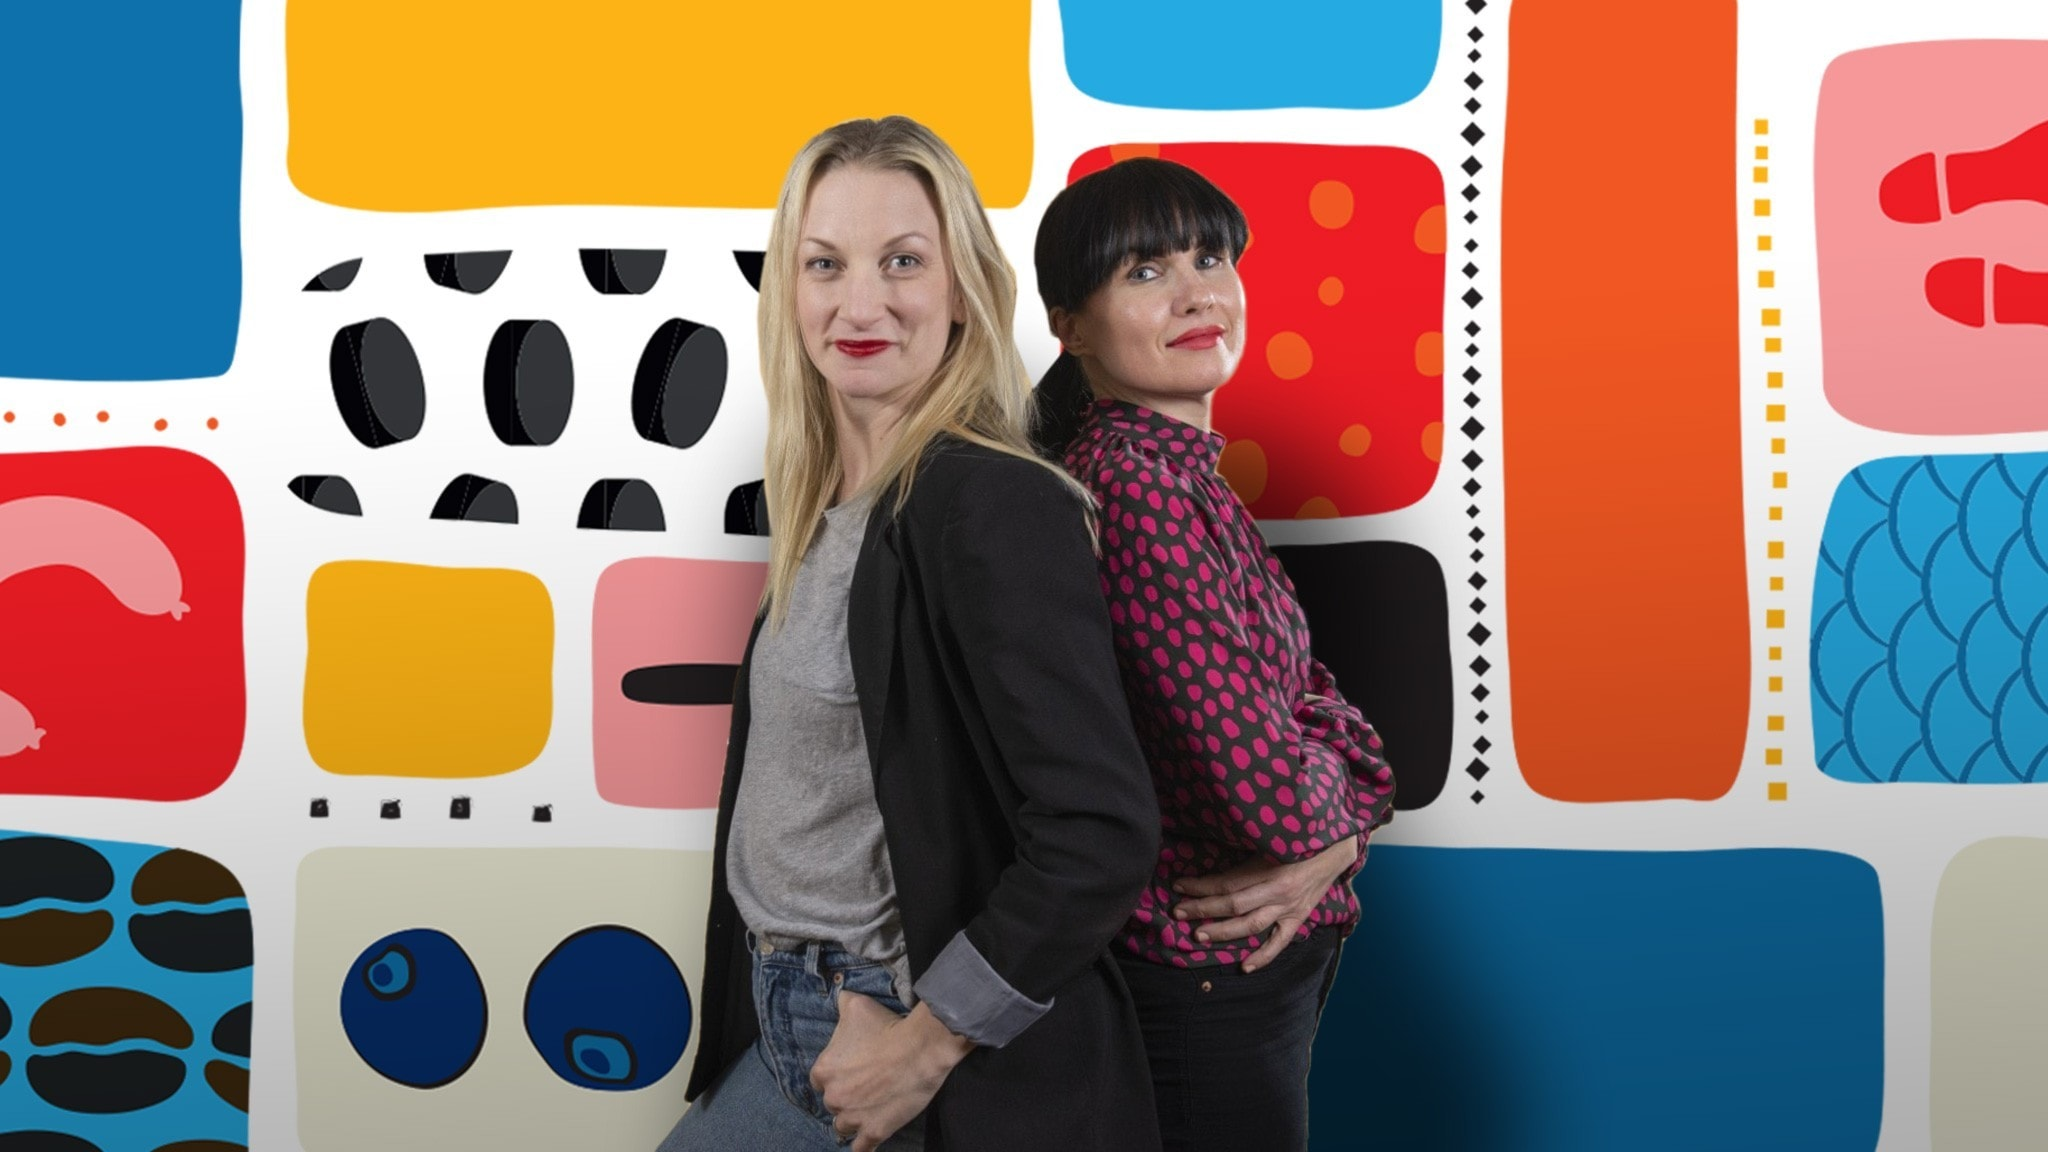 Programledarna Hanna och Hanna framför en färgglad bakgrund.